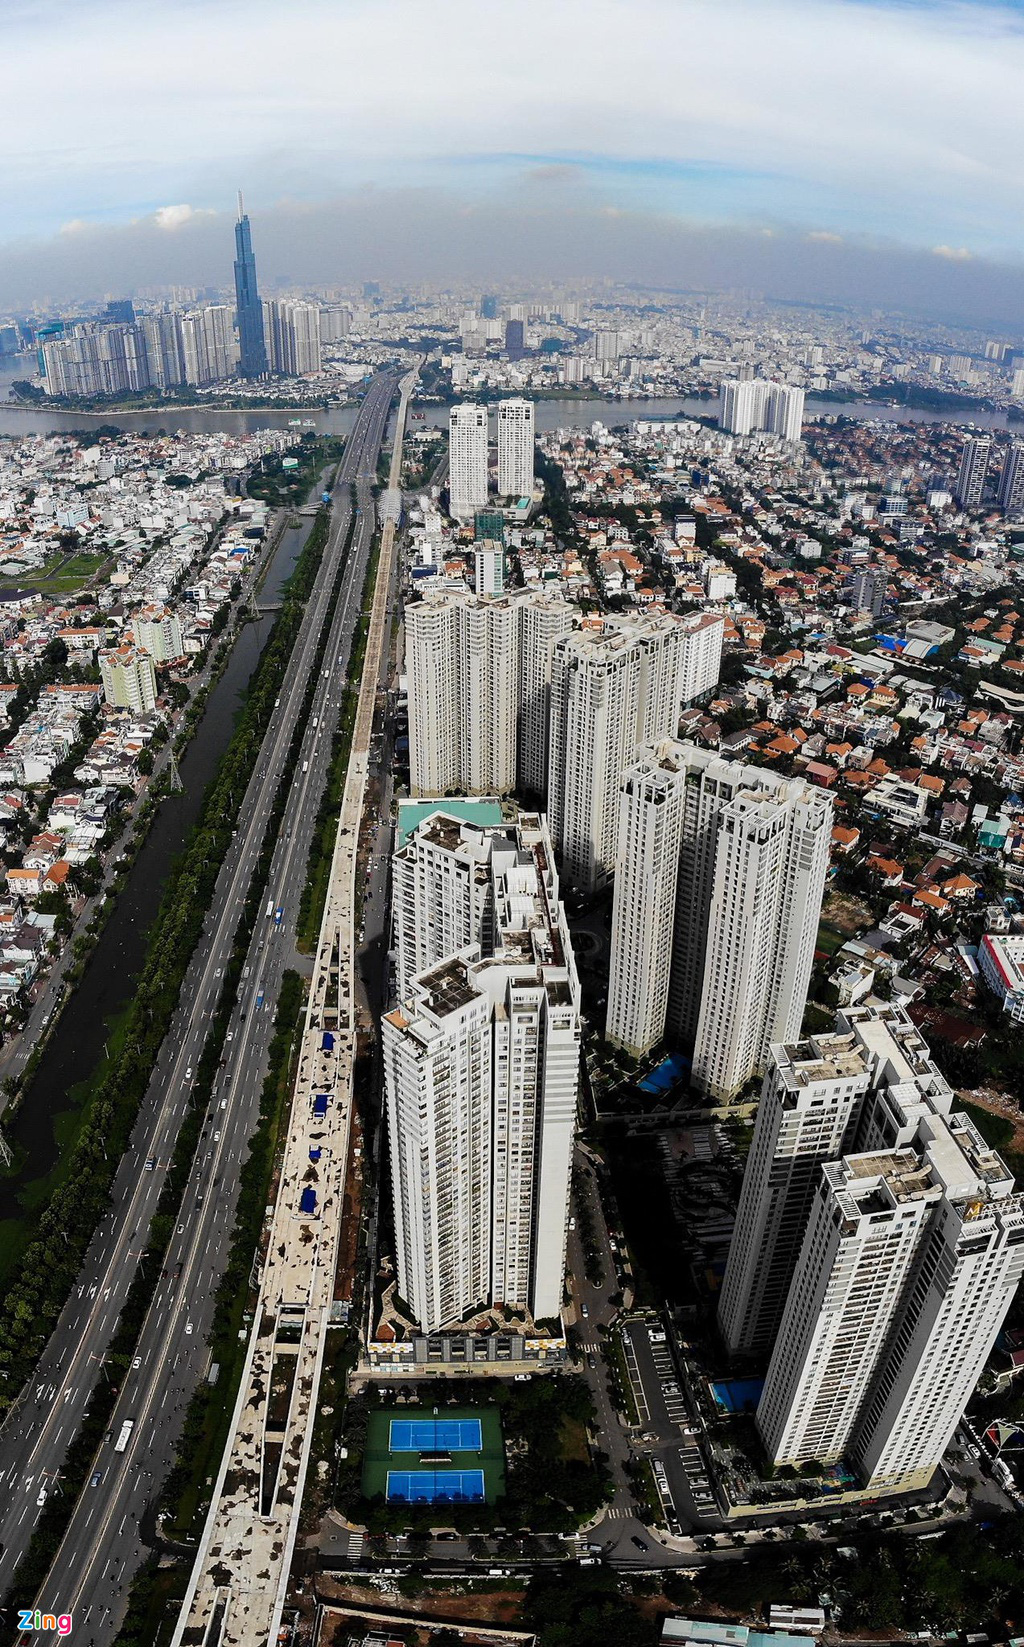 Chung cư dày đặc tuyến metro Bến Thành - Ảnh 2.